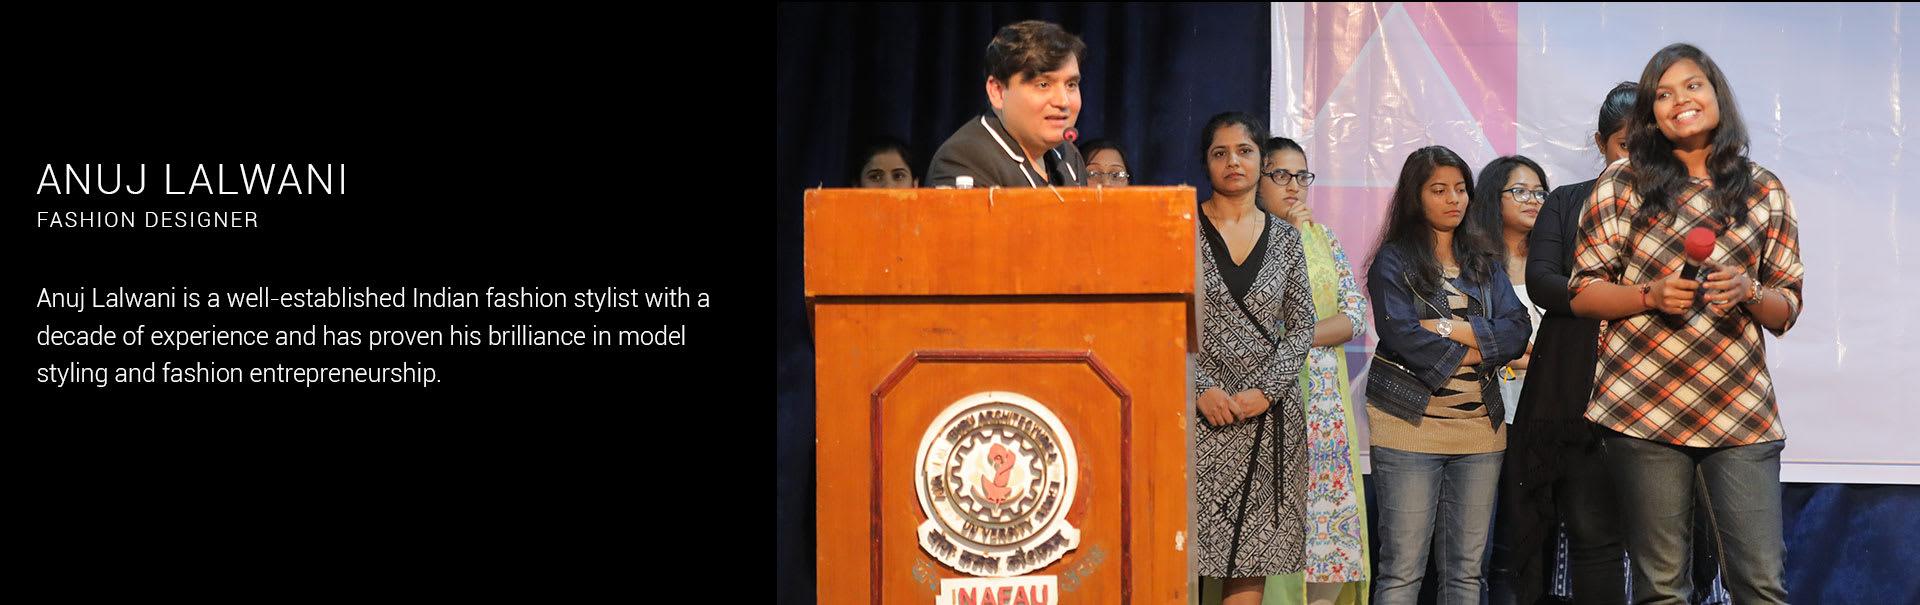 Anuj Lalwani